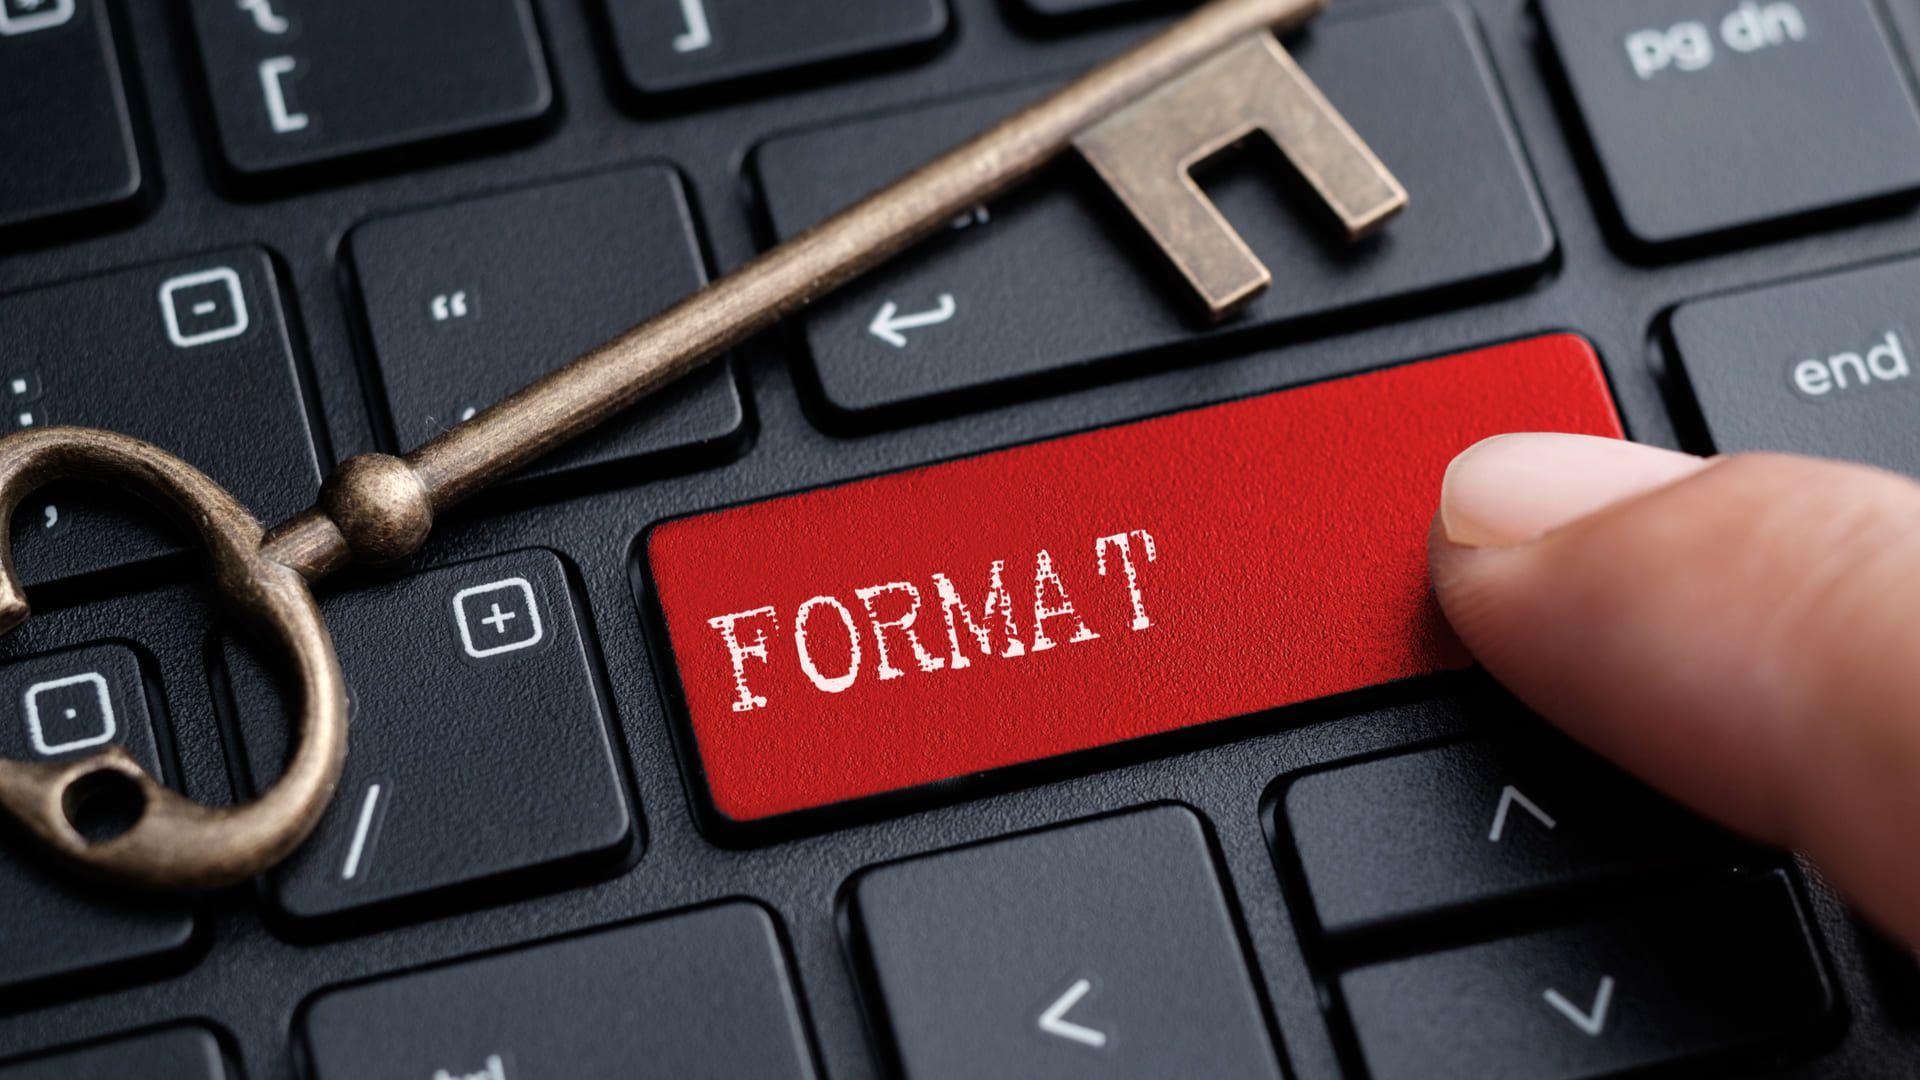 Uma das primeiras coisas recomendadas a fazer ao comprar um notebook usado é formatá-lo (Fonte: Shutterstock)